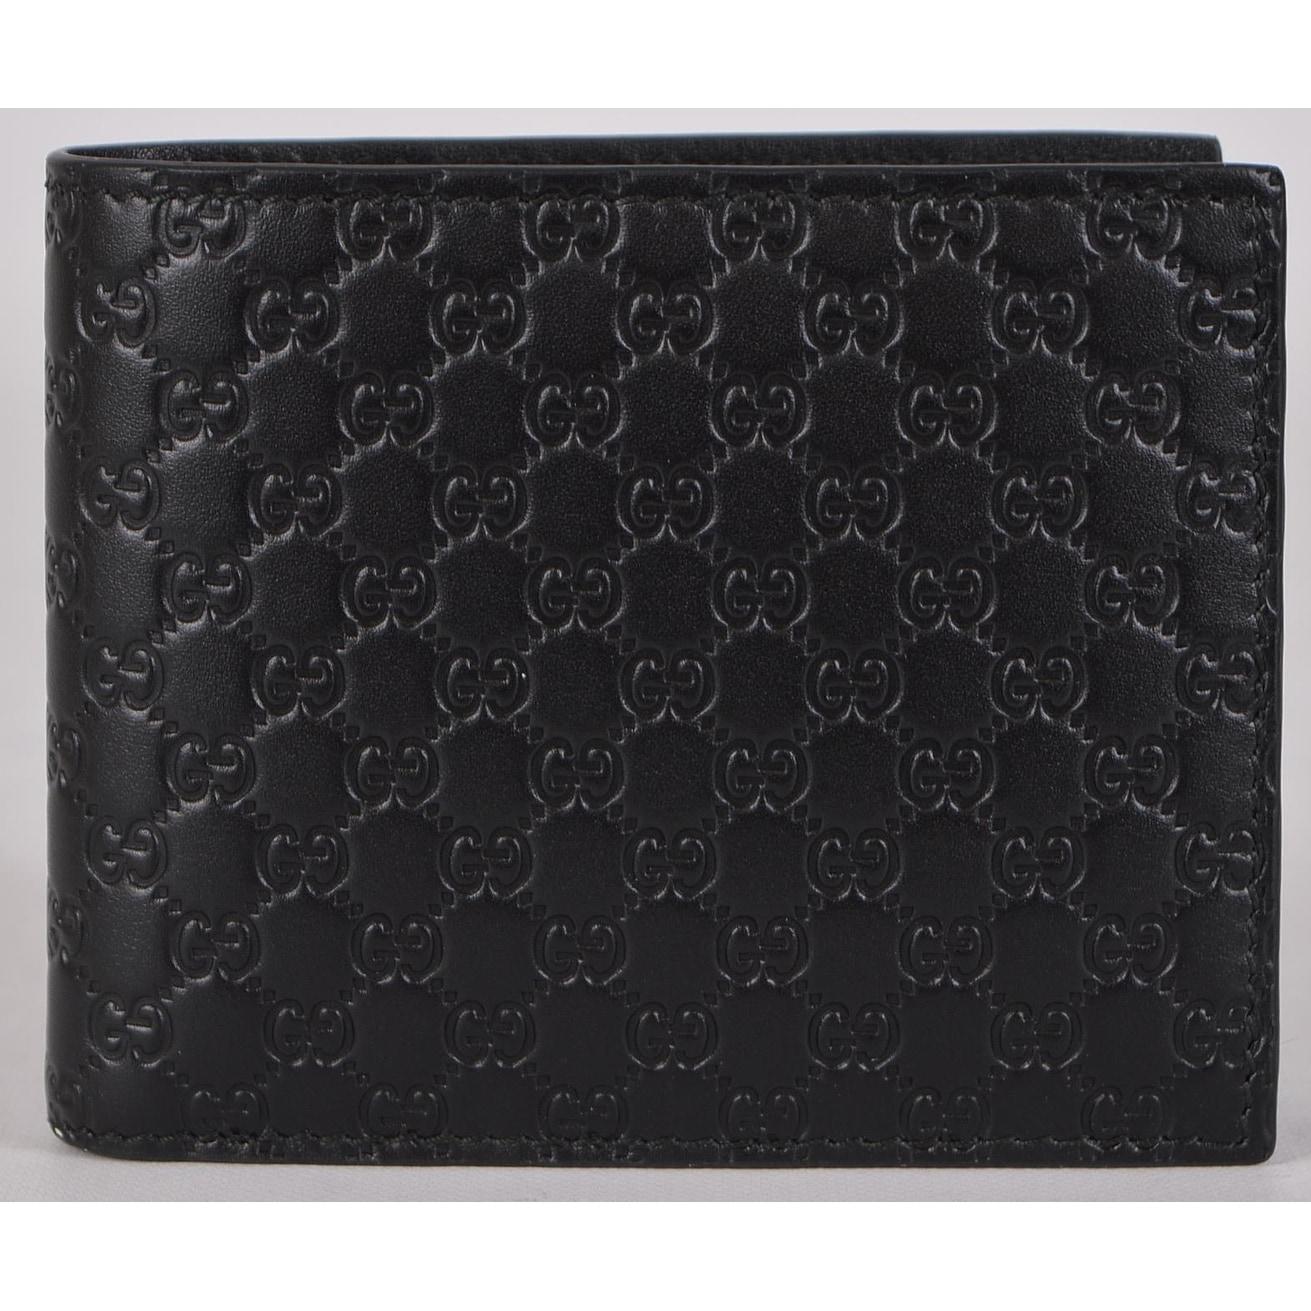 e53aec09693435 Shop Gucci Men's 260987 Black Leather MICRO GG Guccissima Bifold ...